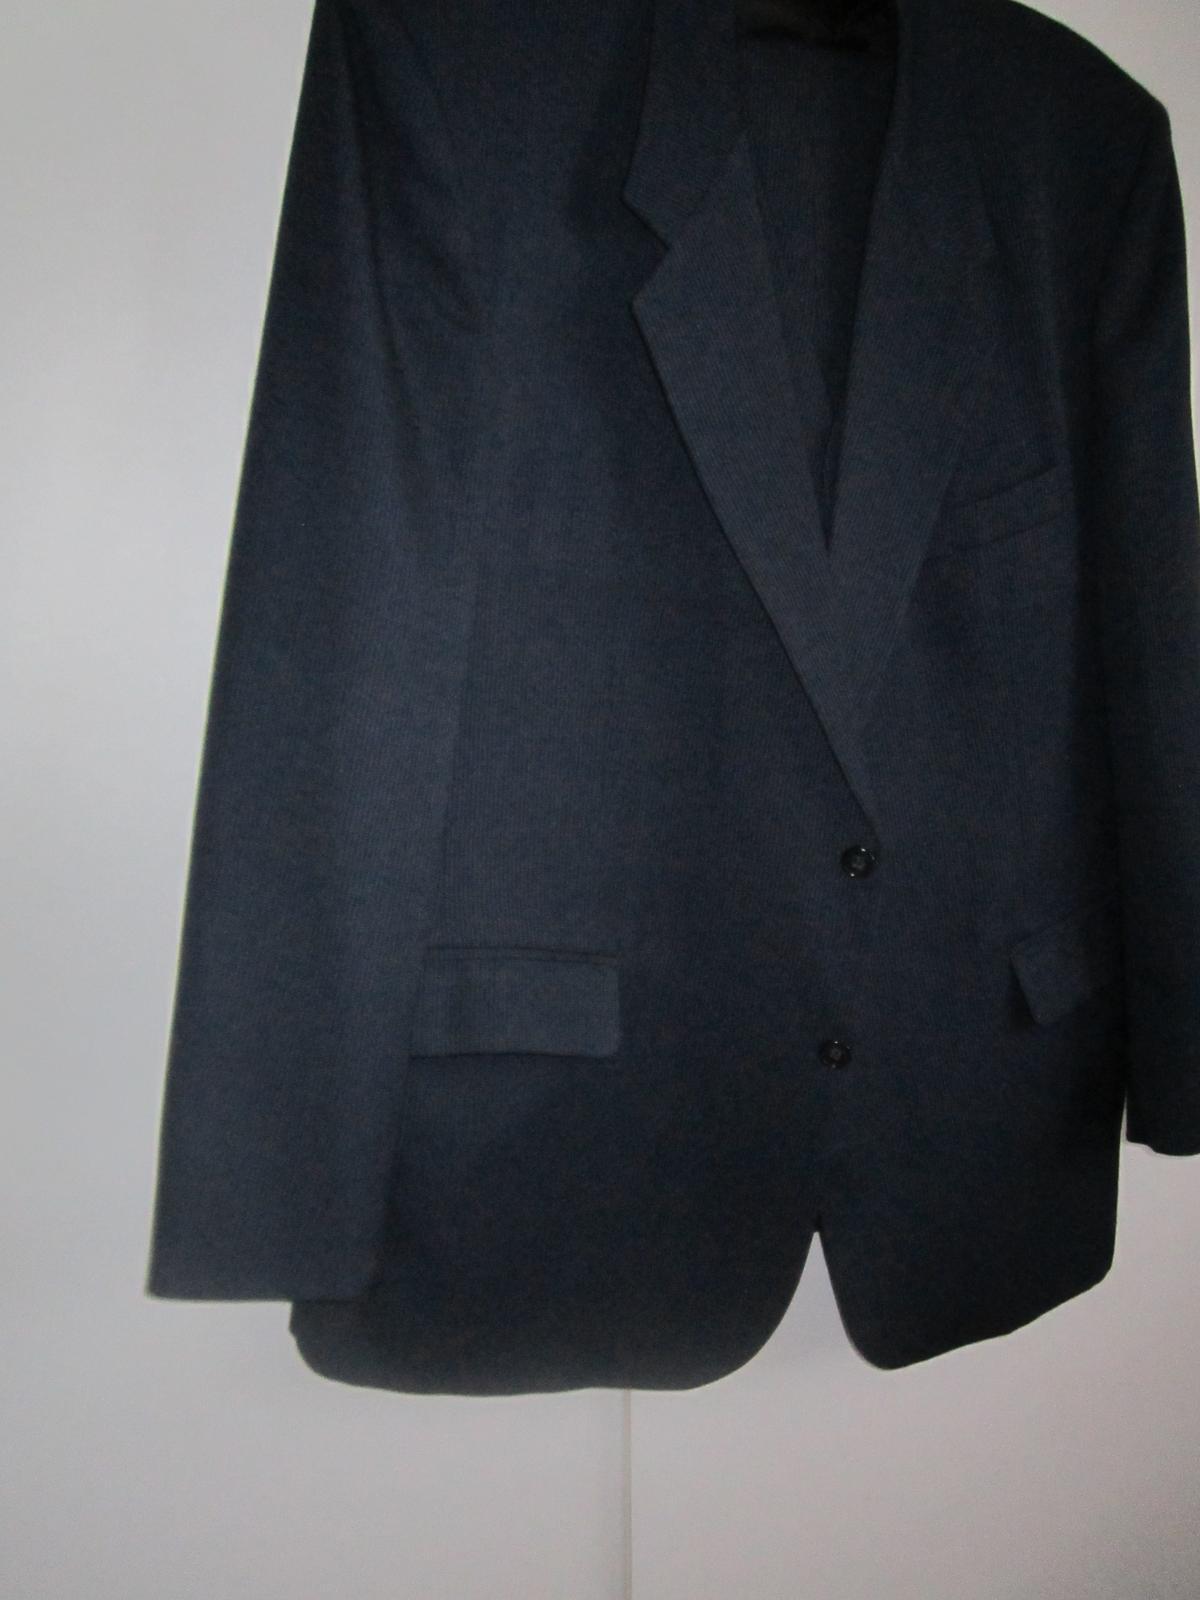 1606. Tm. modrý oblek - Obrázok č. 1